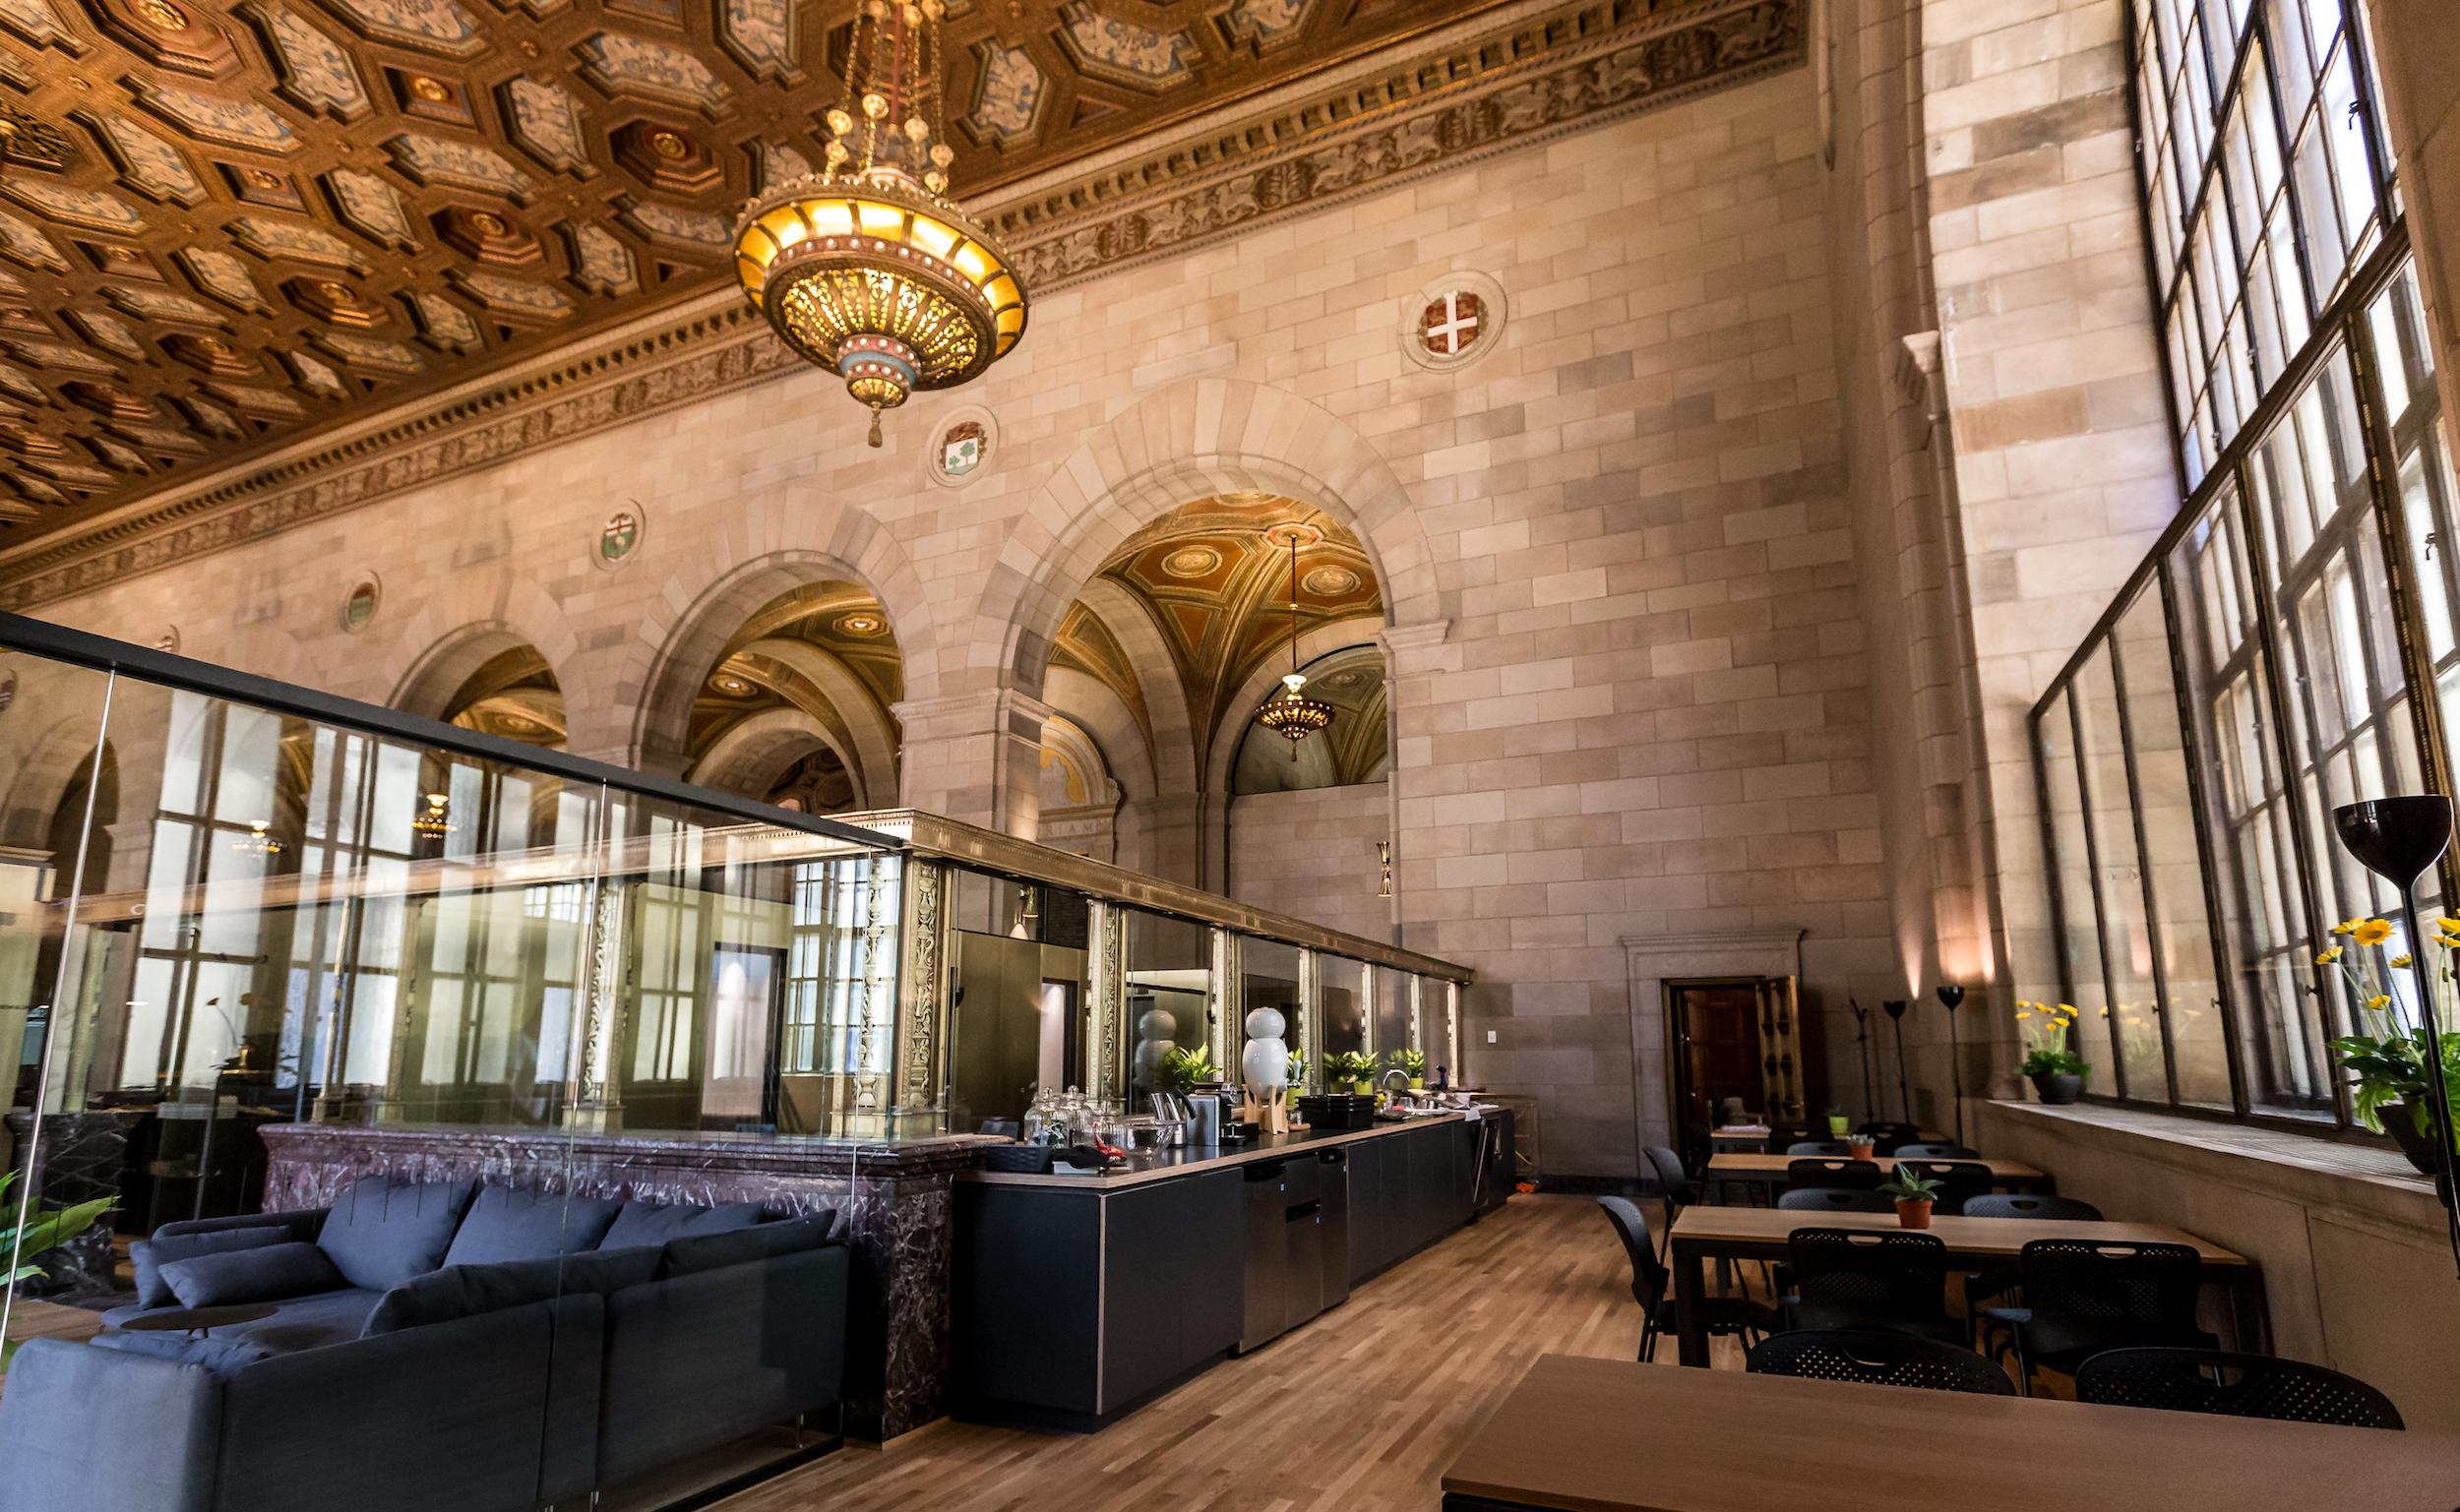 Landmark Montreal Bank Transforms Into Breathtaking Café